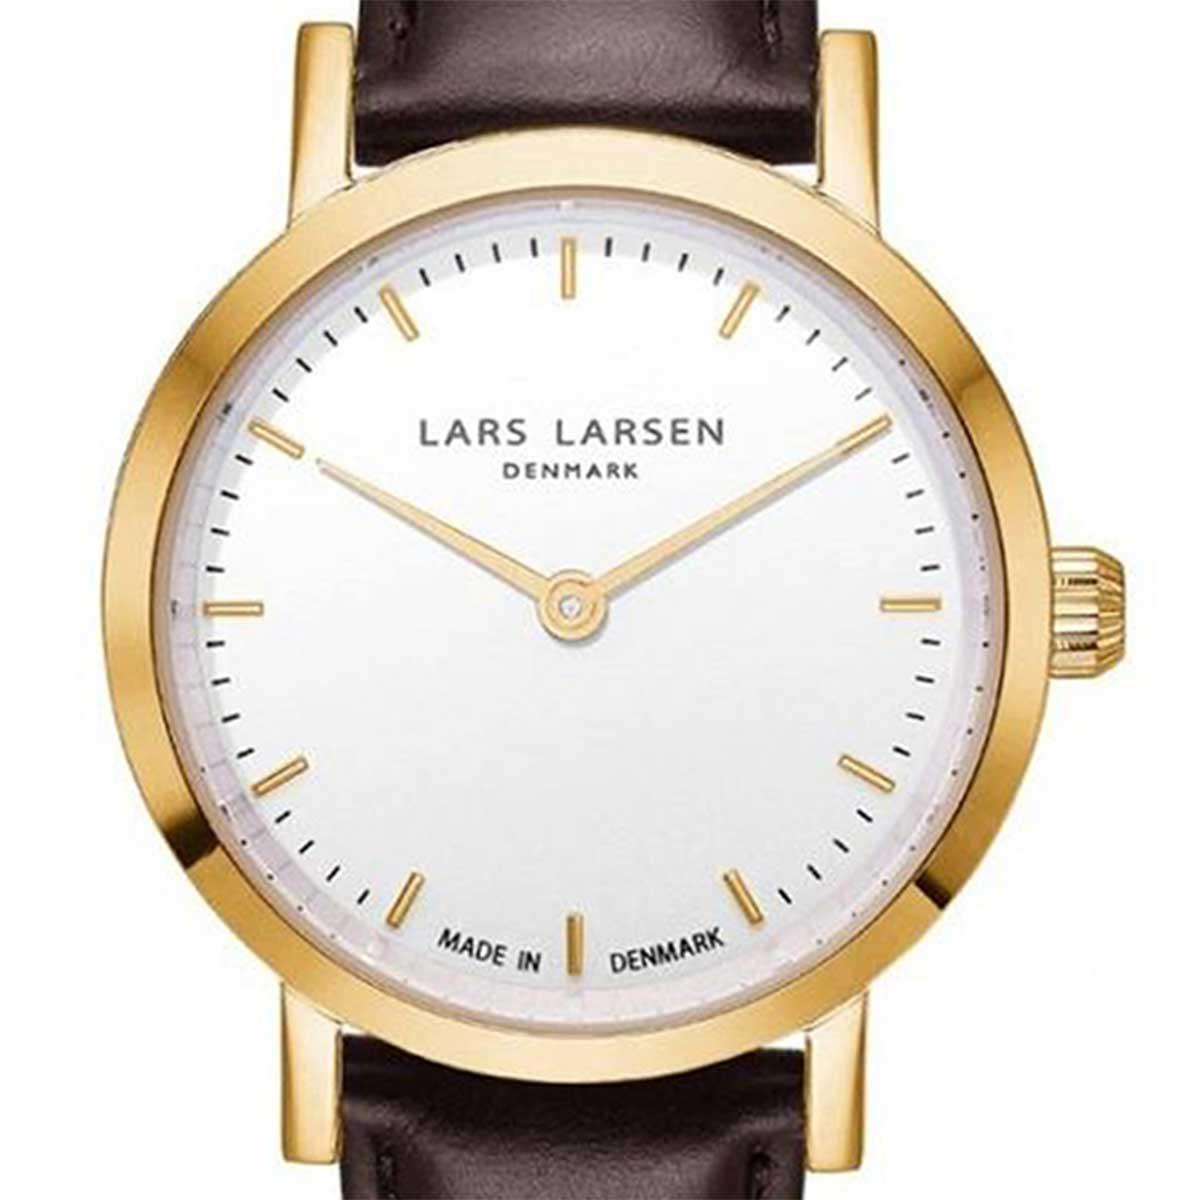 LARS LARSEN ラースラーセン (LLARSEN エルラーセン) 電池式クォーツ 腕時計 [WH124GW-BLLG14] 並行輸入品